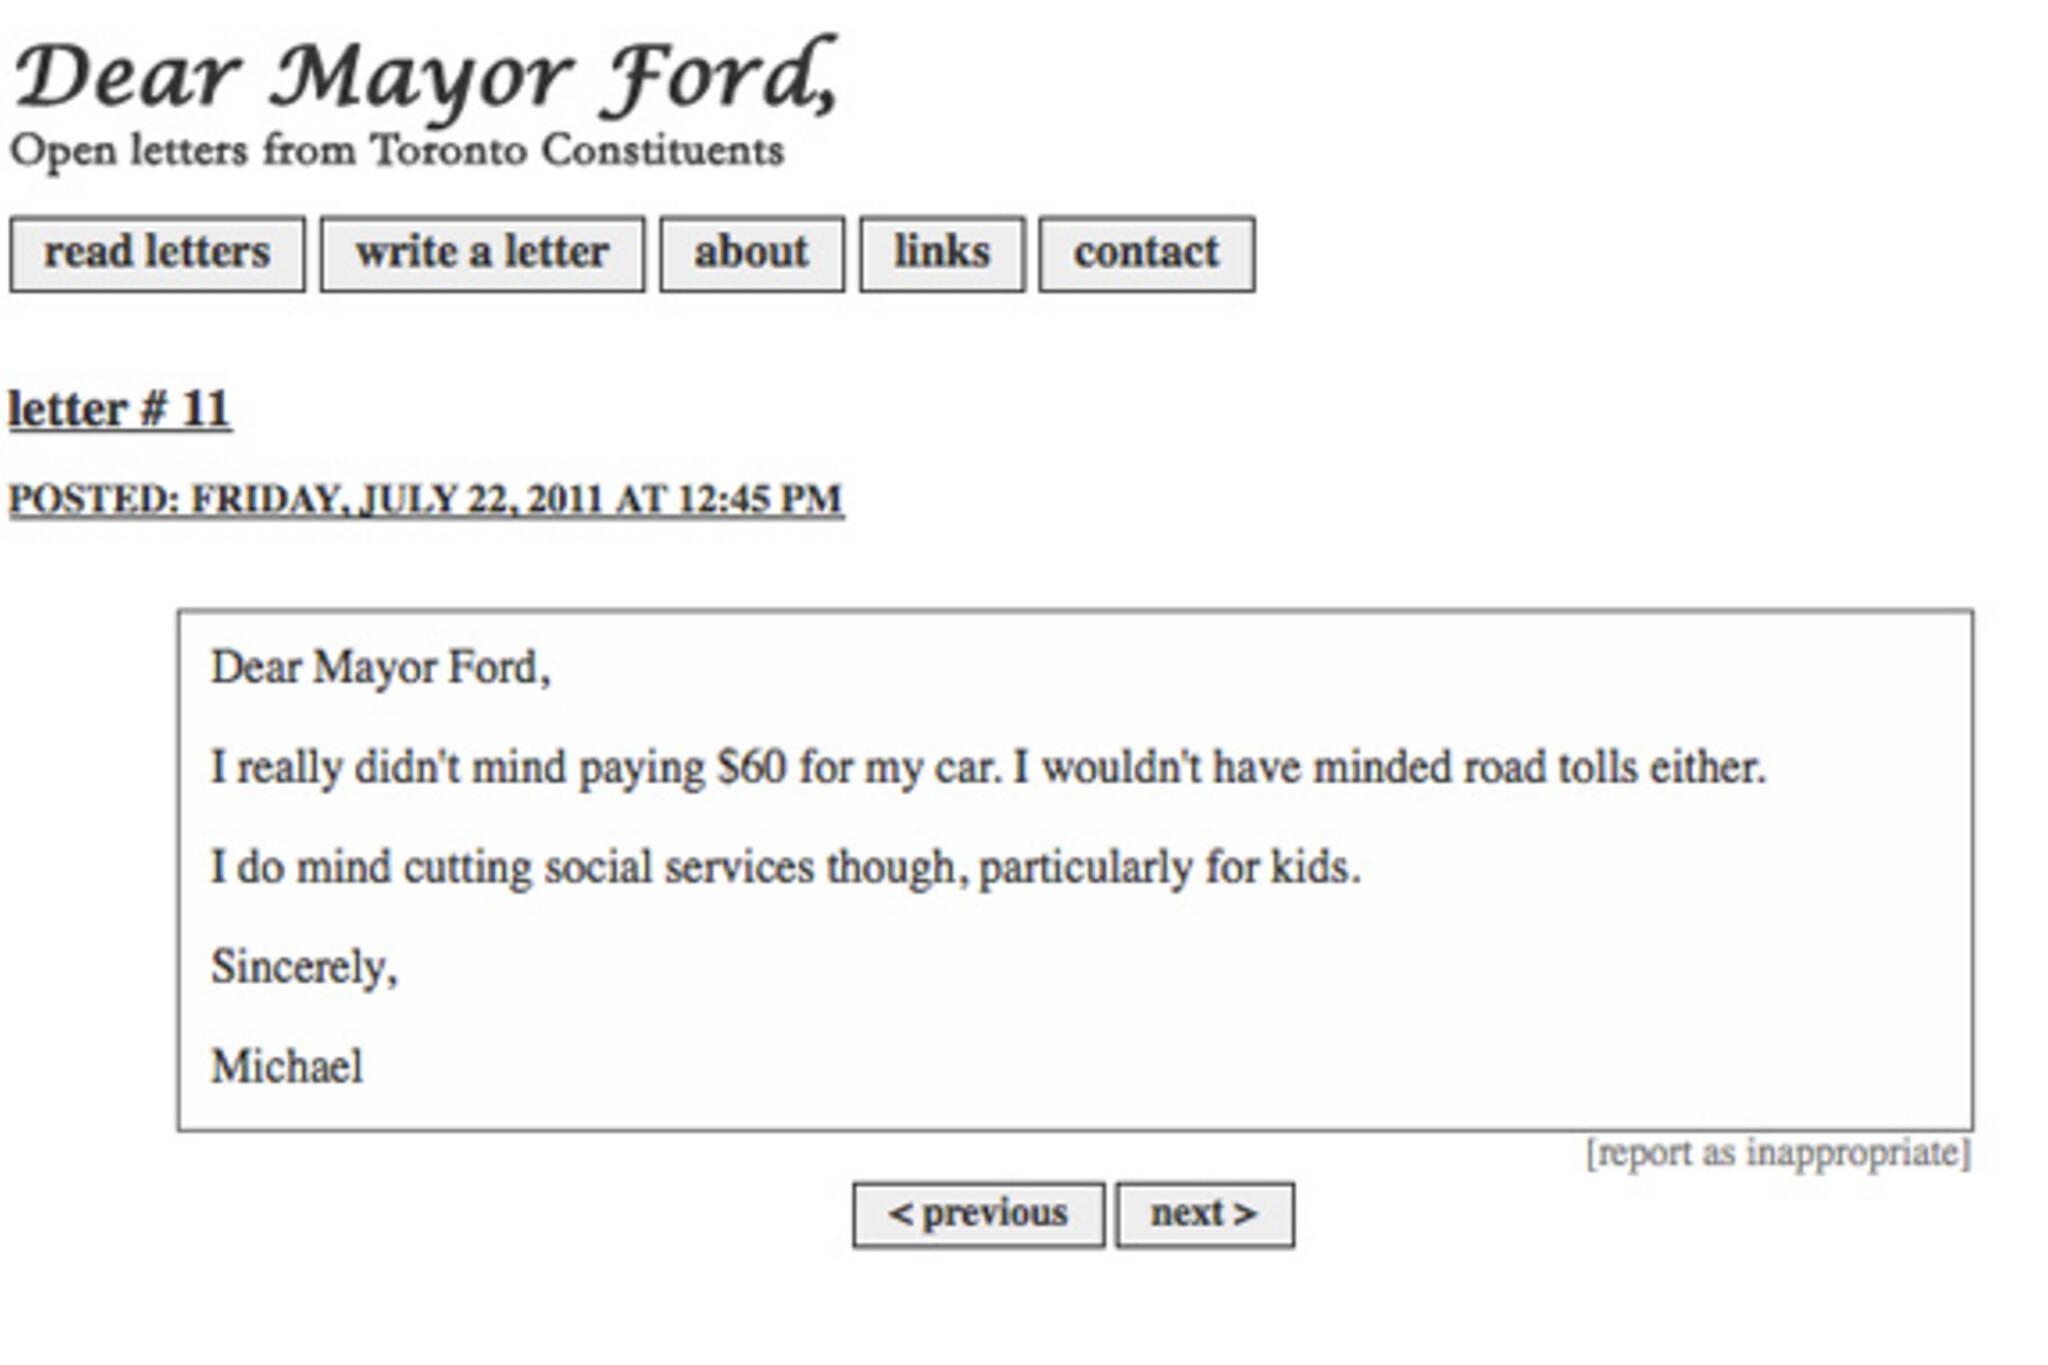 2011722-dear-mayor-ford.jpg